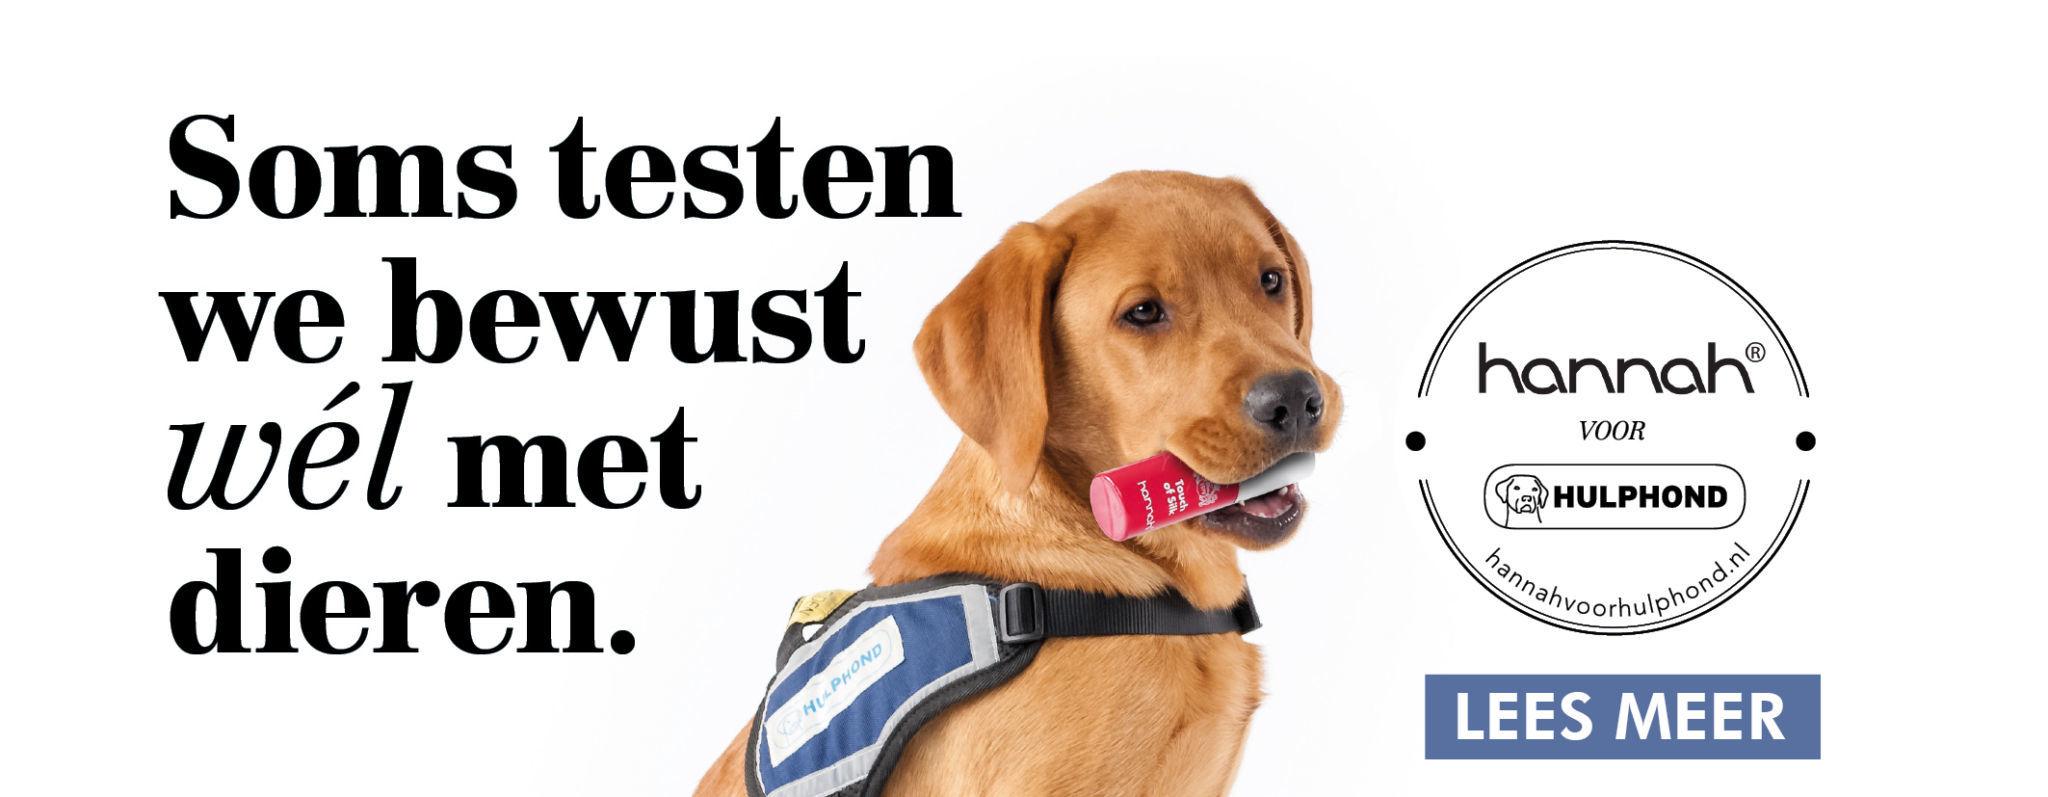 Vind de hond in de pot - Win een jaar lang gratis hannah producten